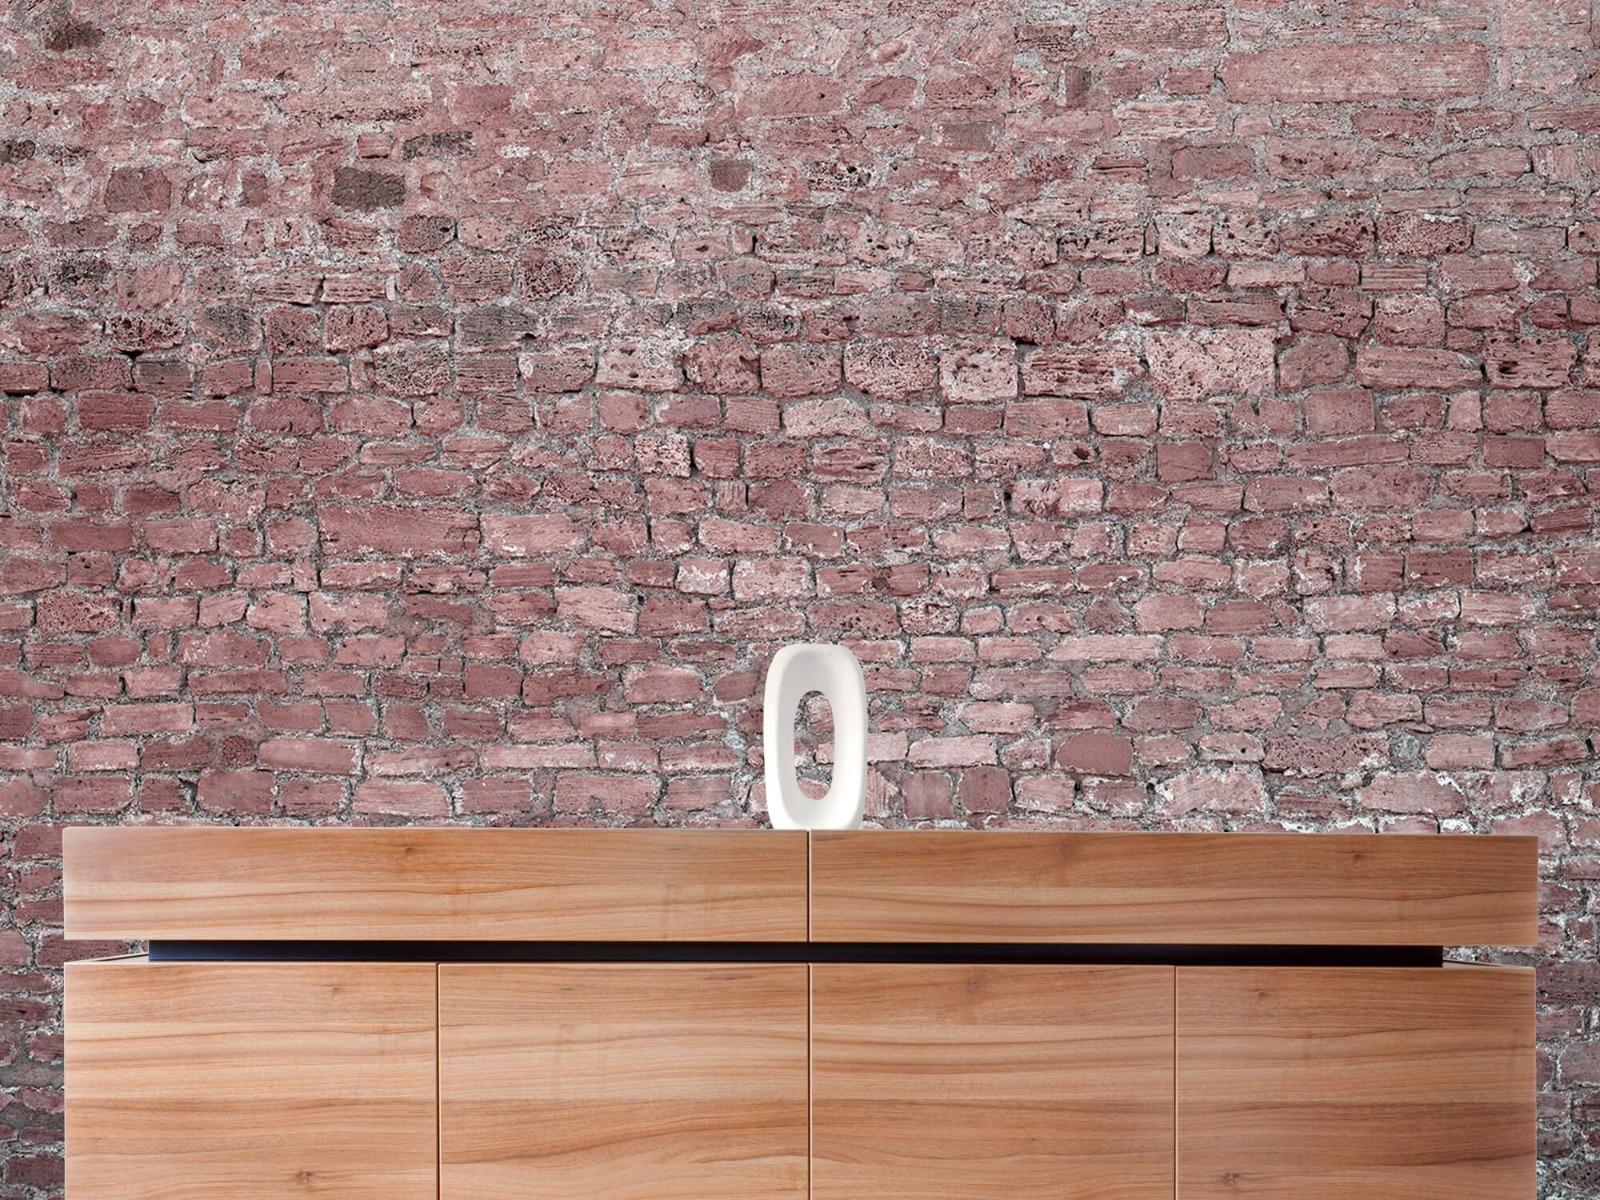 Steen behang - Muur van oude stenen - Tienerkamer 20